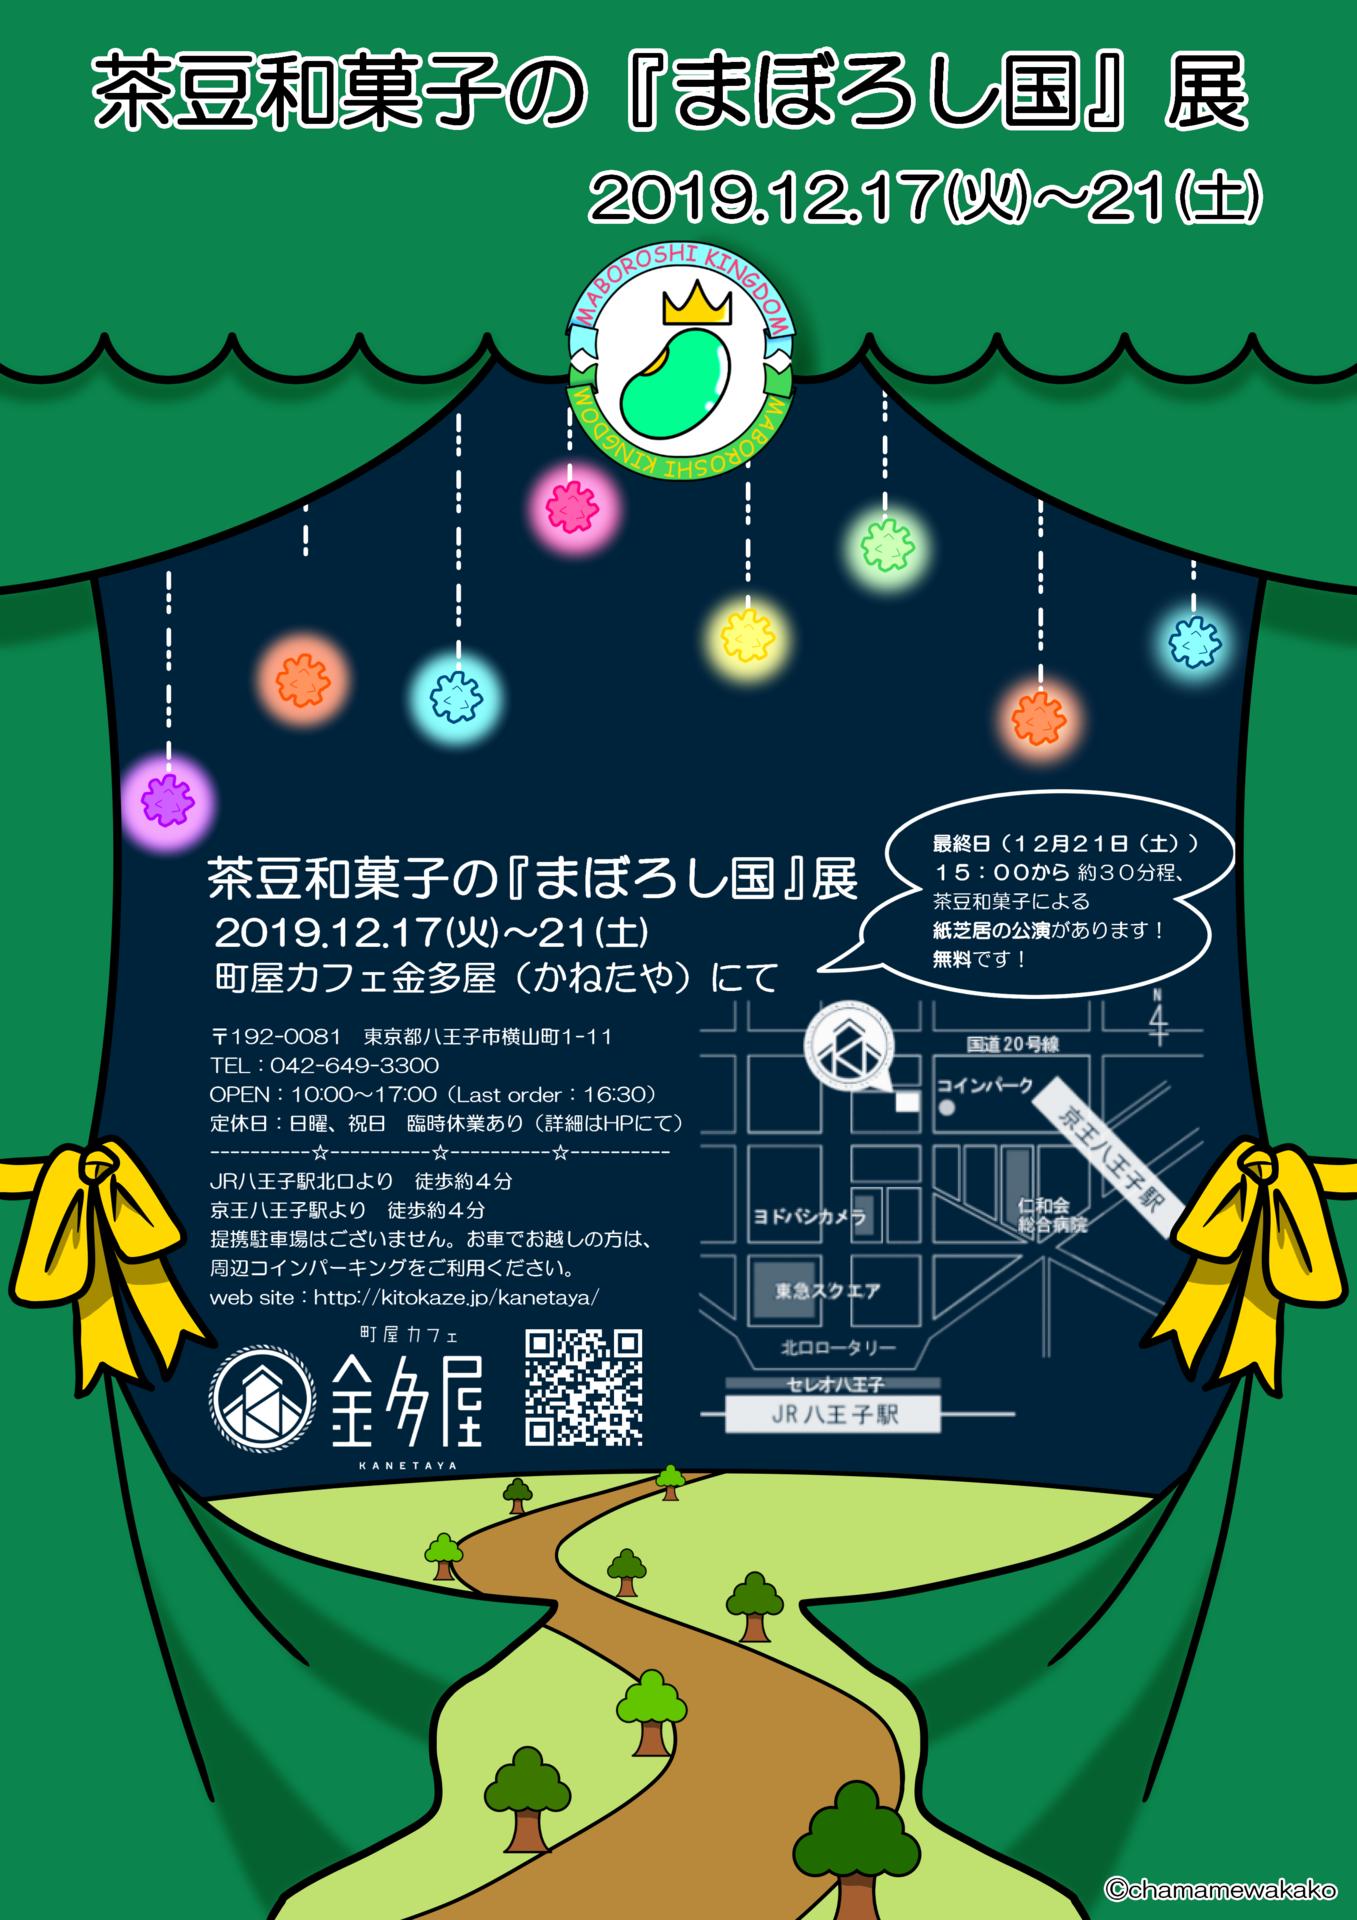 20191217-21_個展チラシ.png